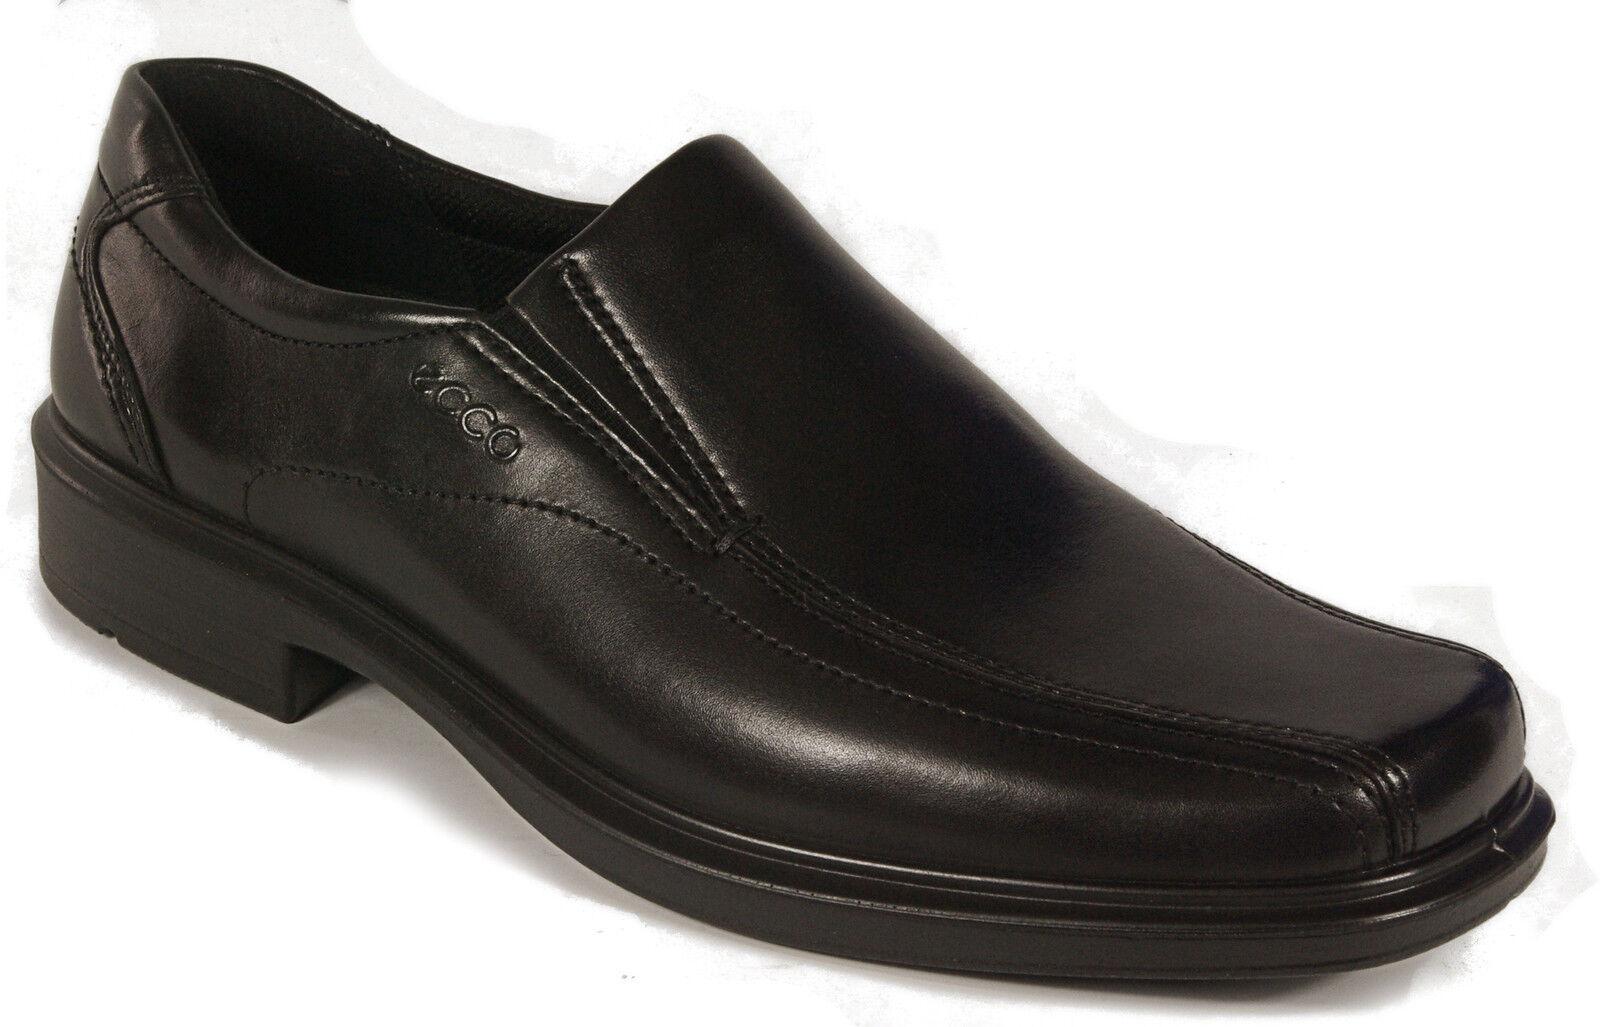 ECCO Schuhe Slipper Leder schwarz Mod. Helsinki Gummisohle Leder Slipper Wechselfußbett NEU 5446ca